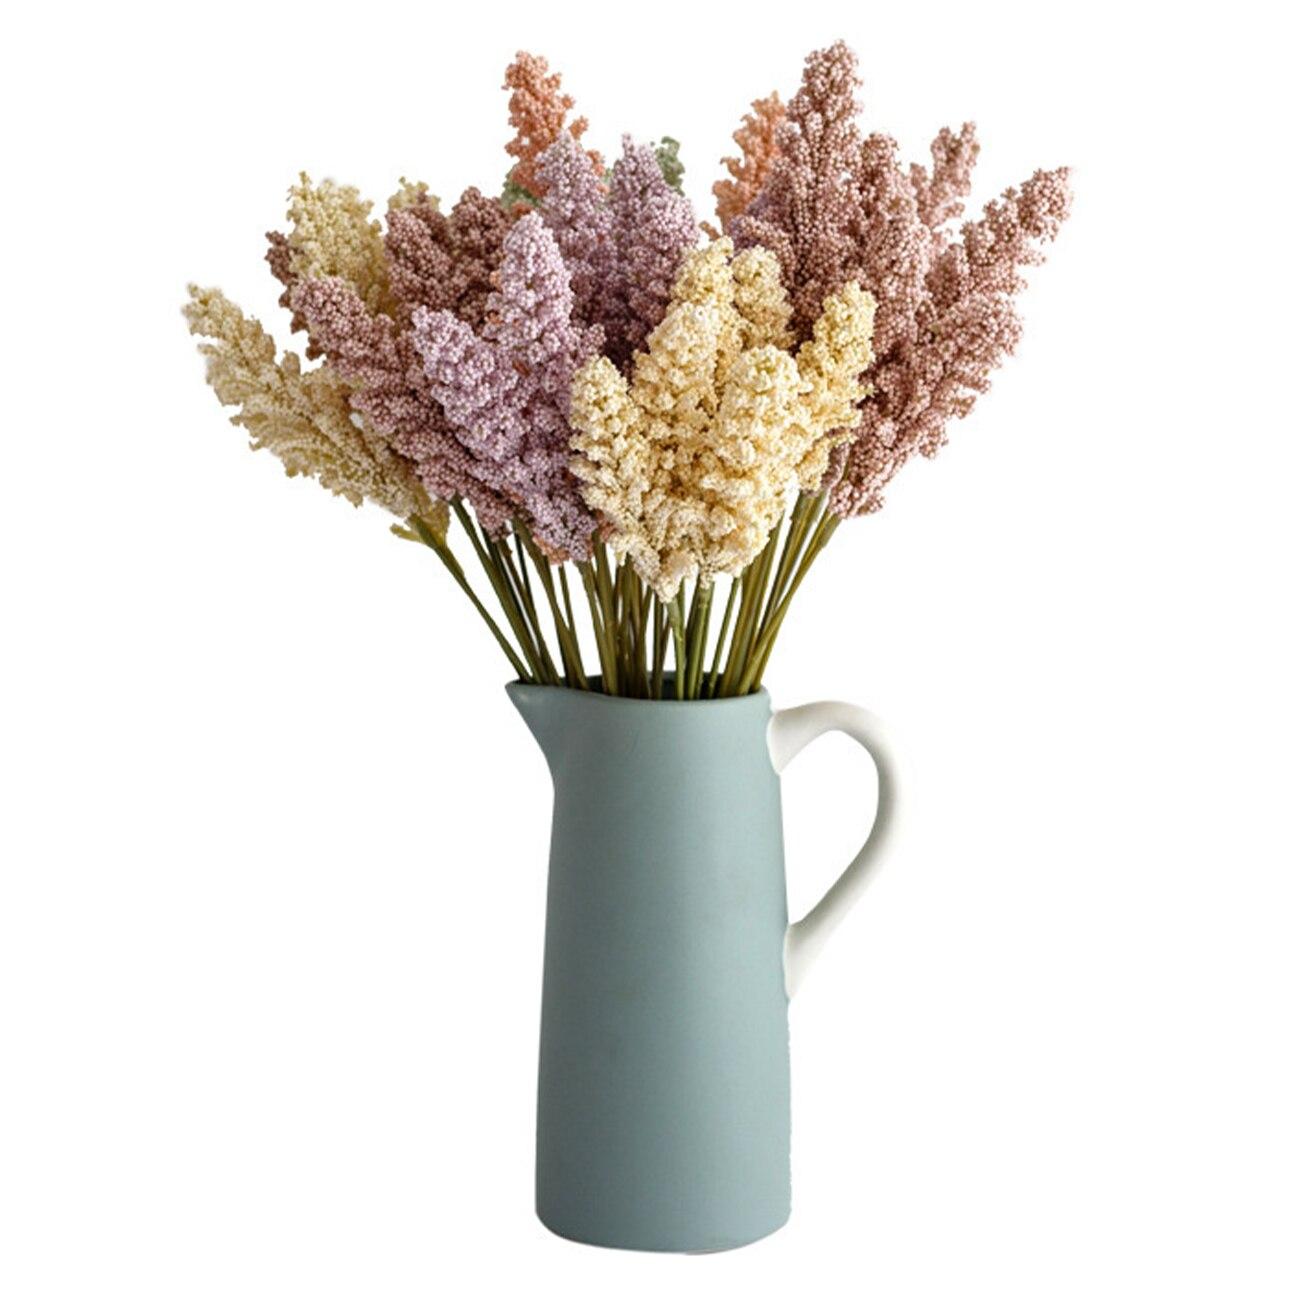 6 шт искусственная пшеницы уши из жесткого пластика с изображением засушенные цветы зерна букет для Свадебная вечеринка украшения DIY пшениц...